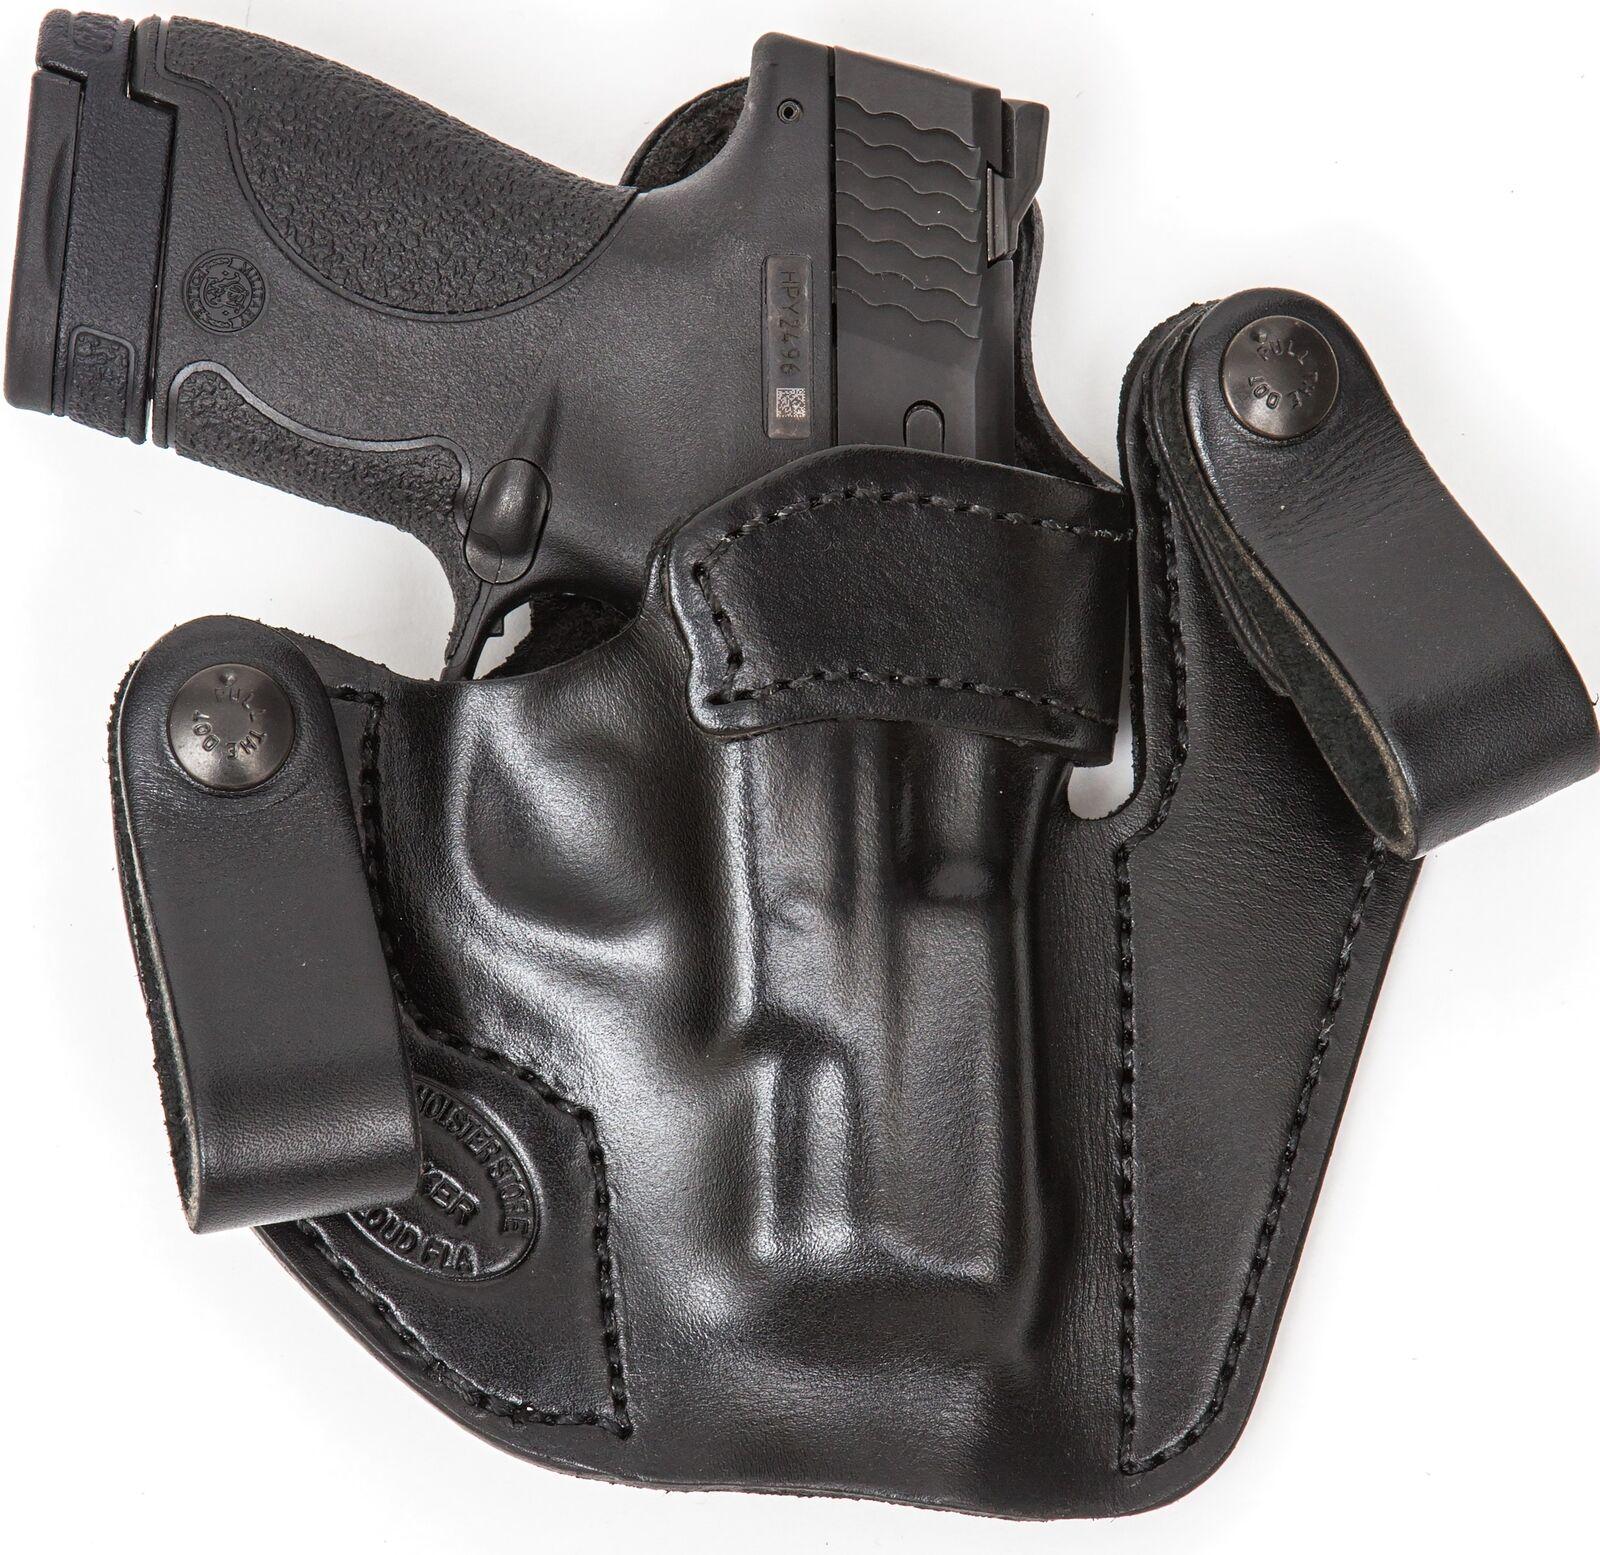 XTREME llevar RH LH dentro de la cintura de cuero Funda Pistola Para S&W Bodyguard 38 con láser compacto